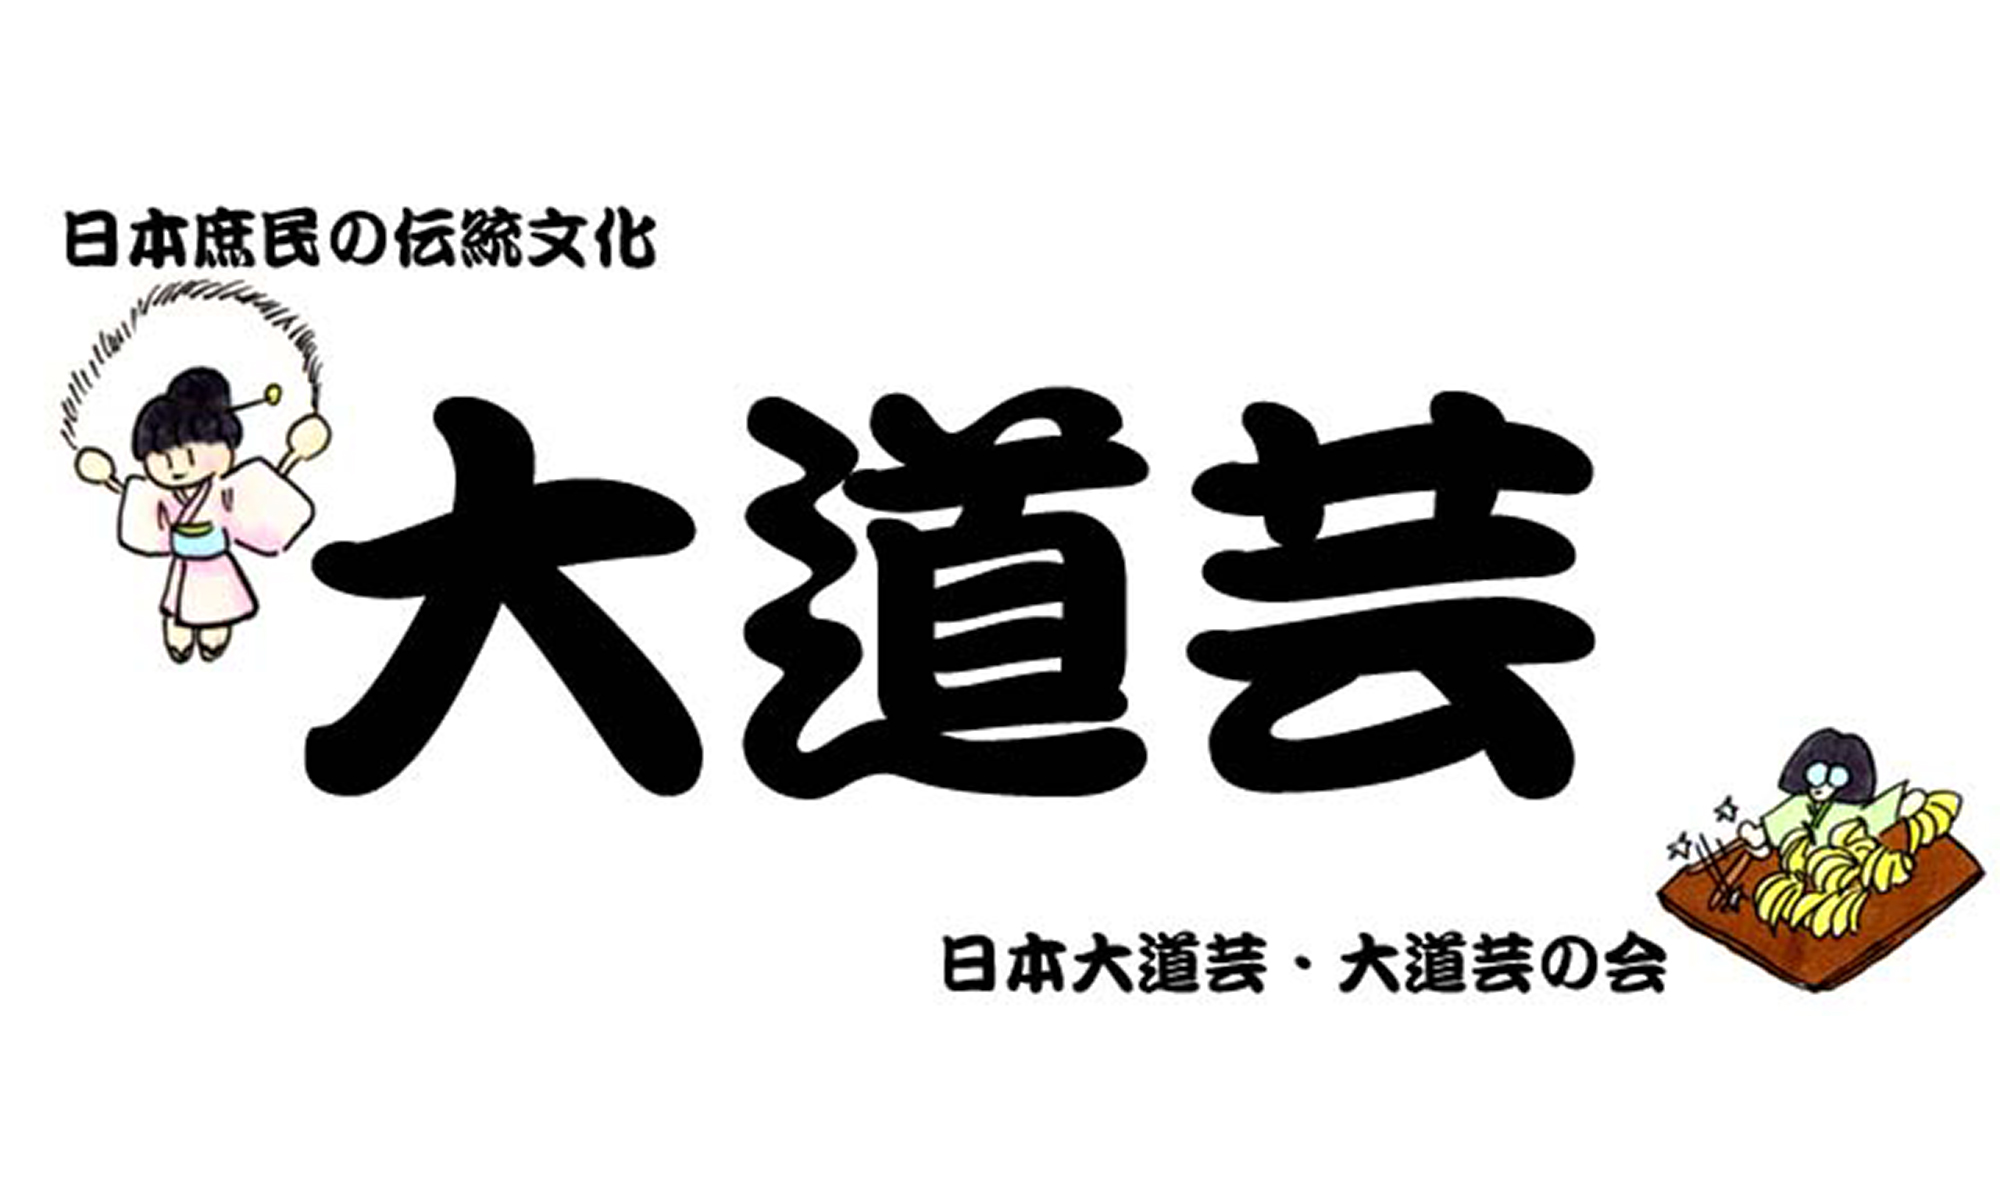 日本大道芸 大道芸の会